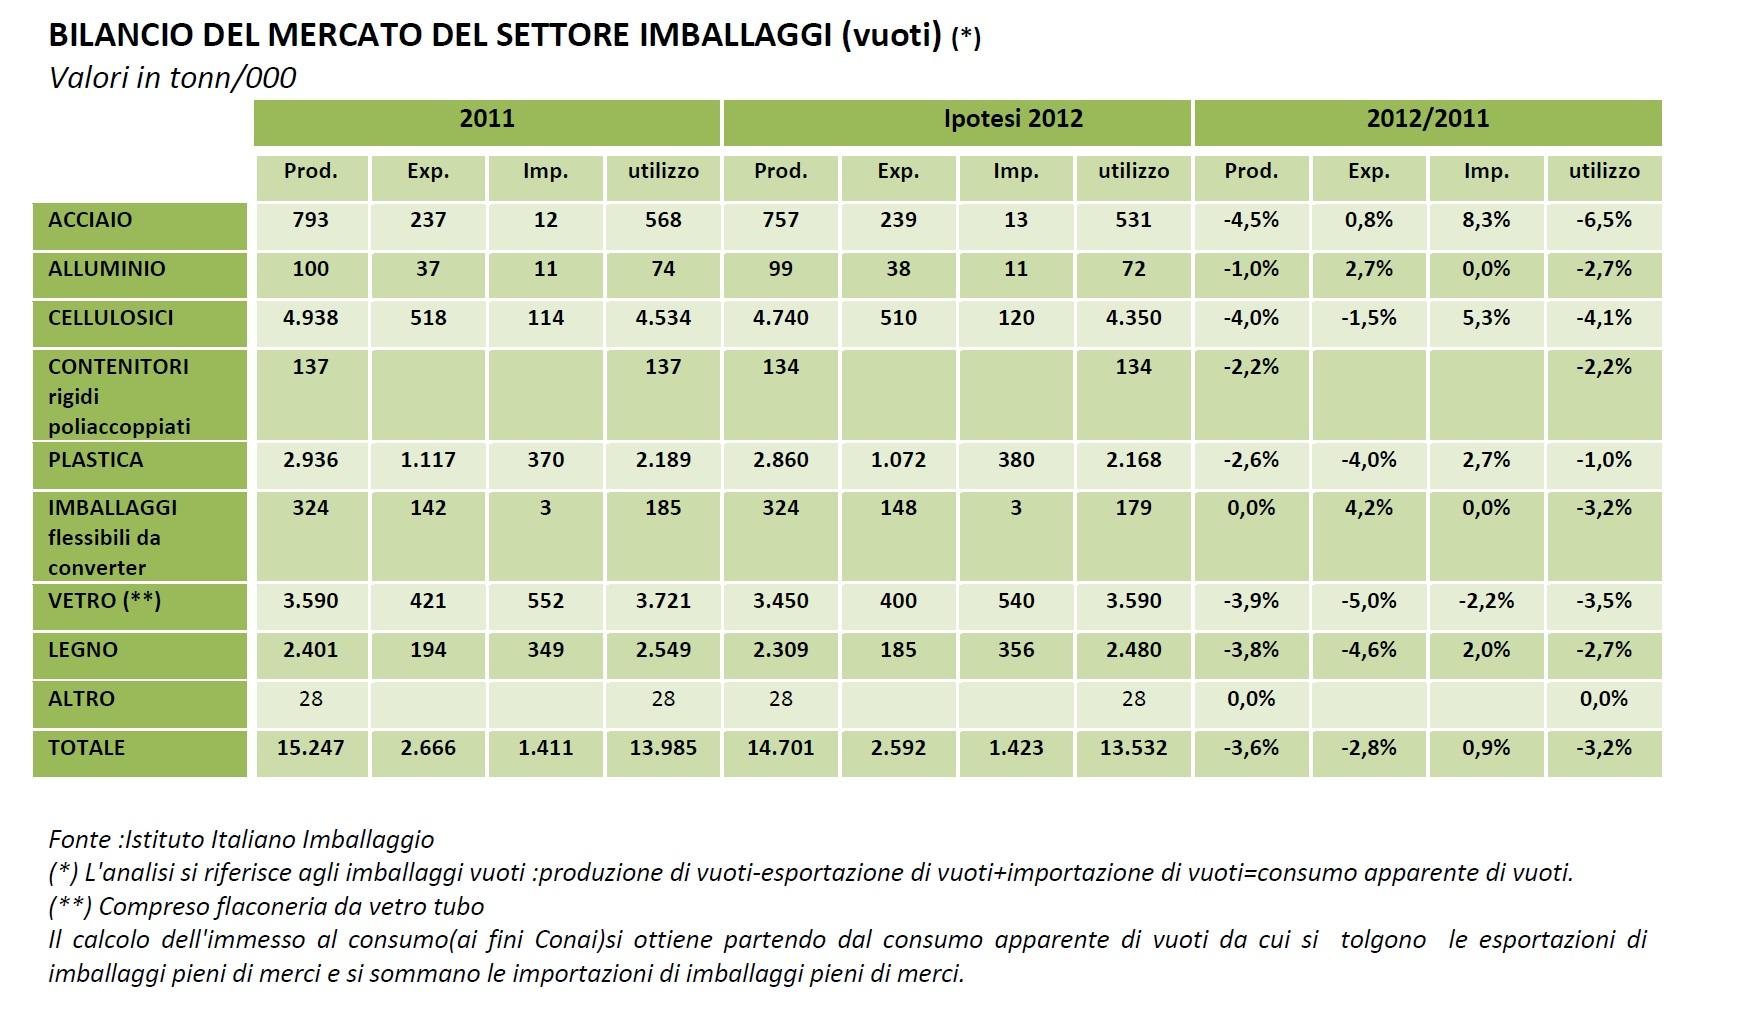 tabella-BILANCIO DEL MERCATO DEL SETTORE